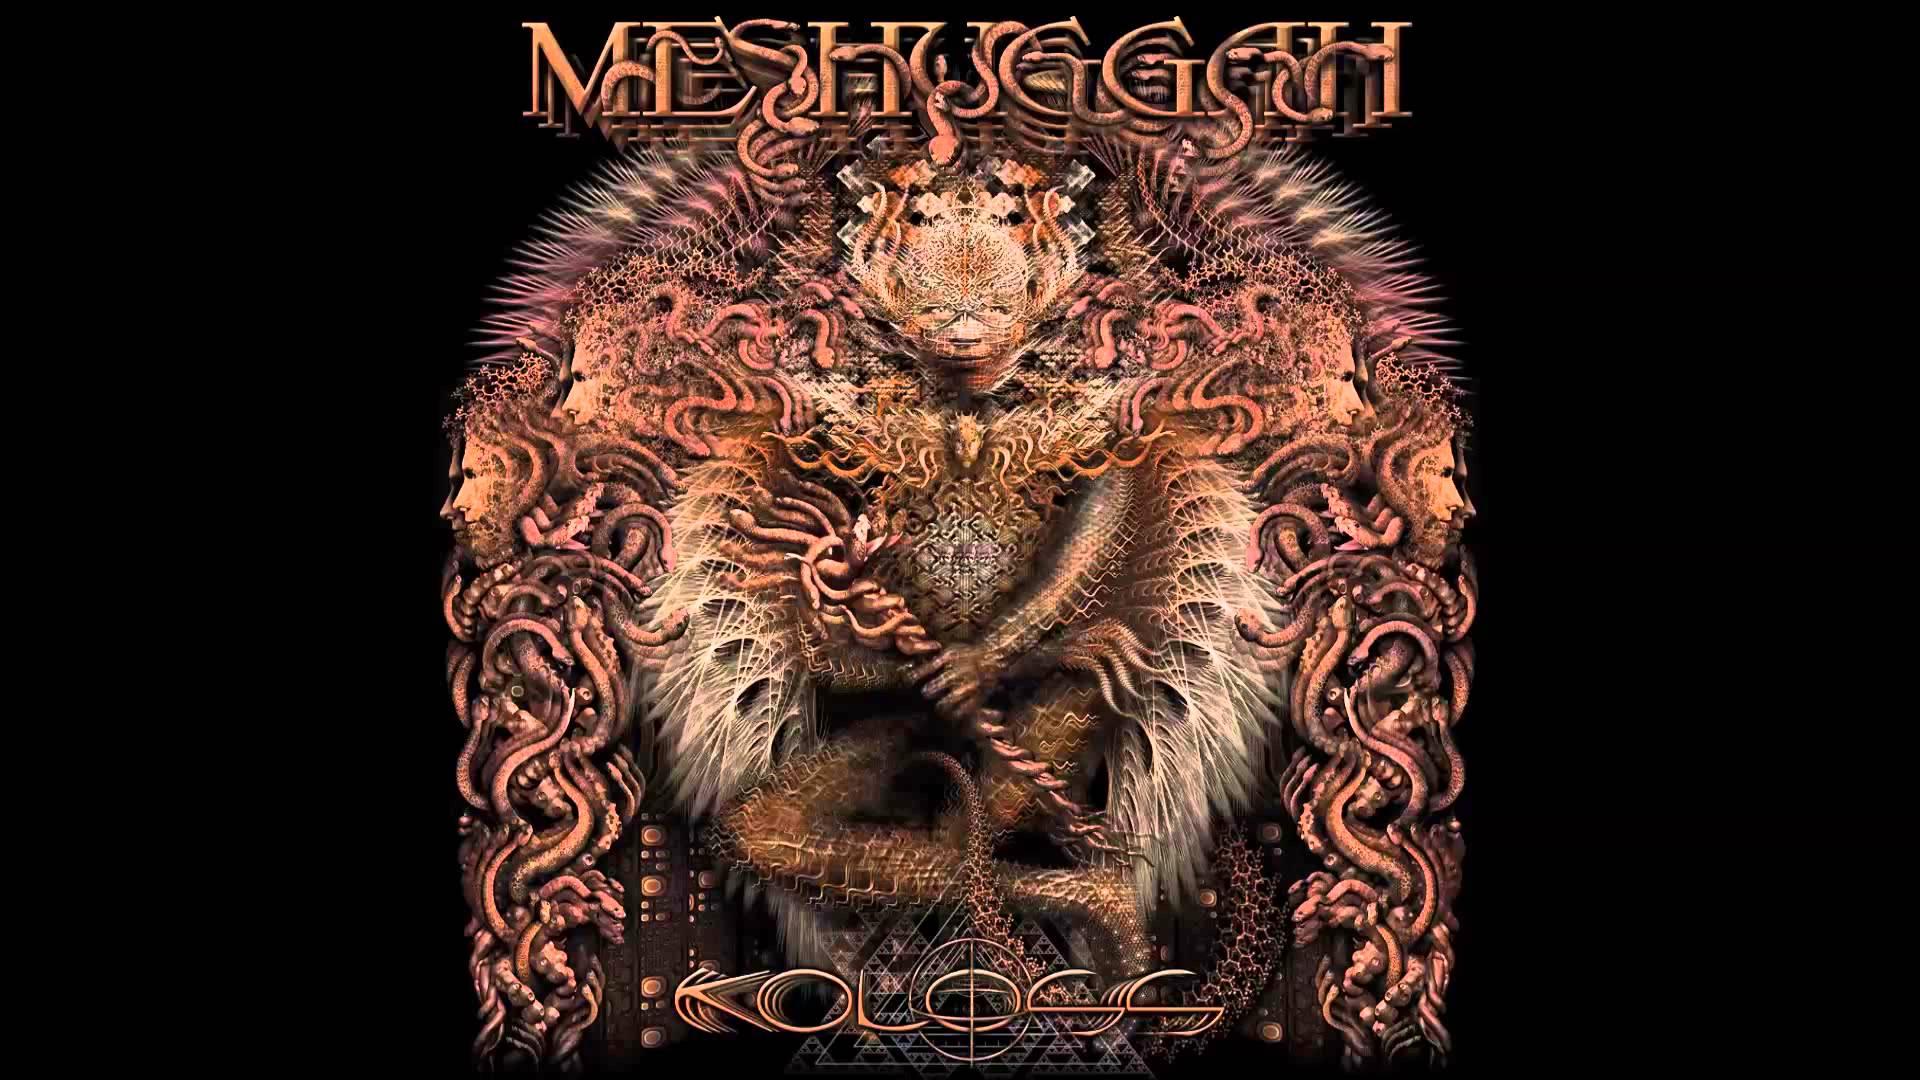 Meshuggah Wallpapers 1920x1080